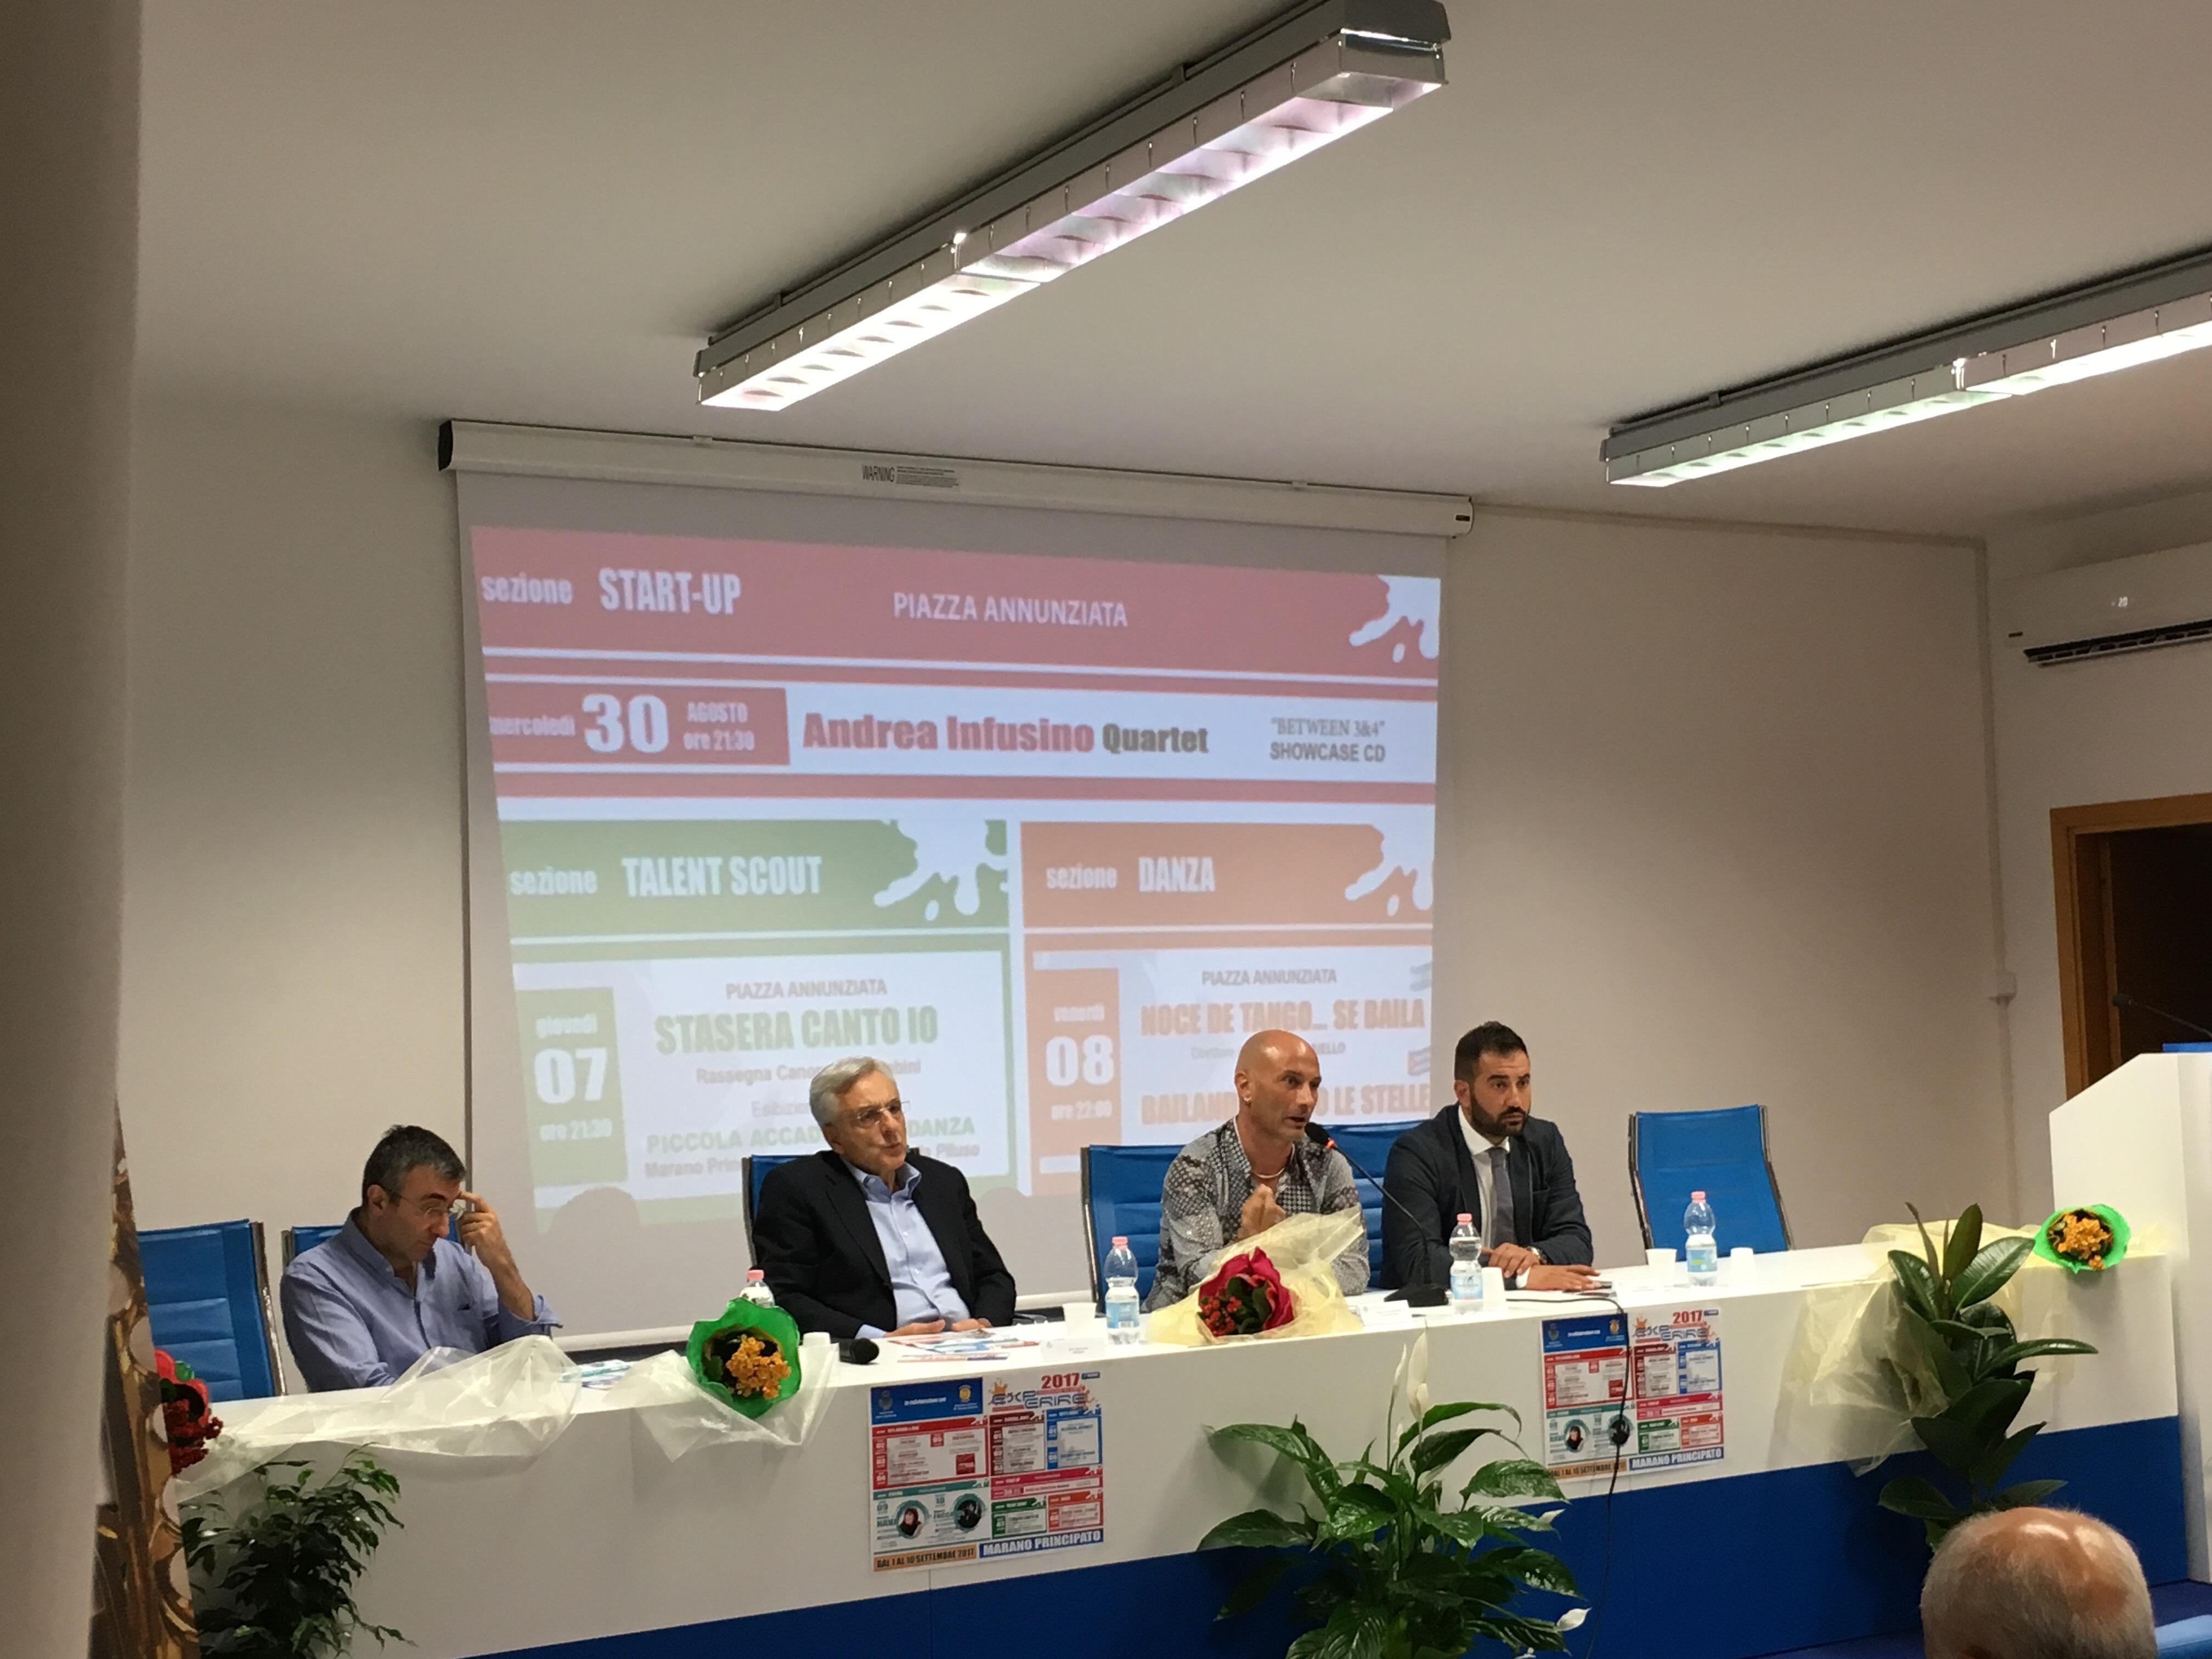 Presentazione CD Andrea Infusino Group all'Experire di Marano